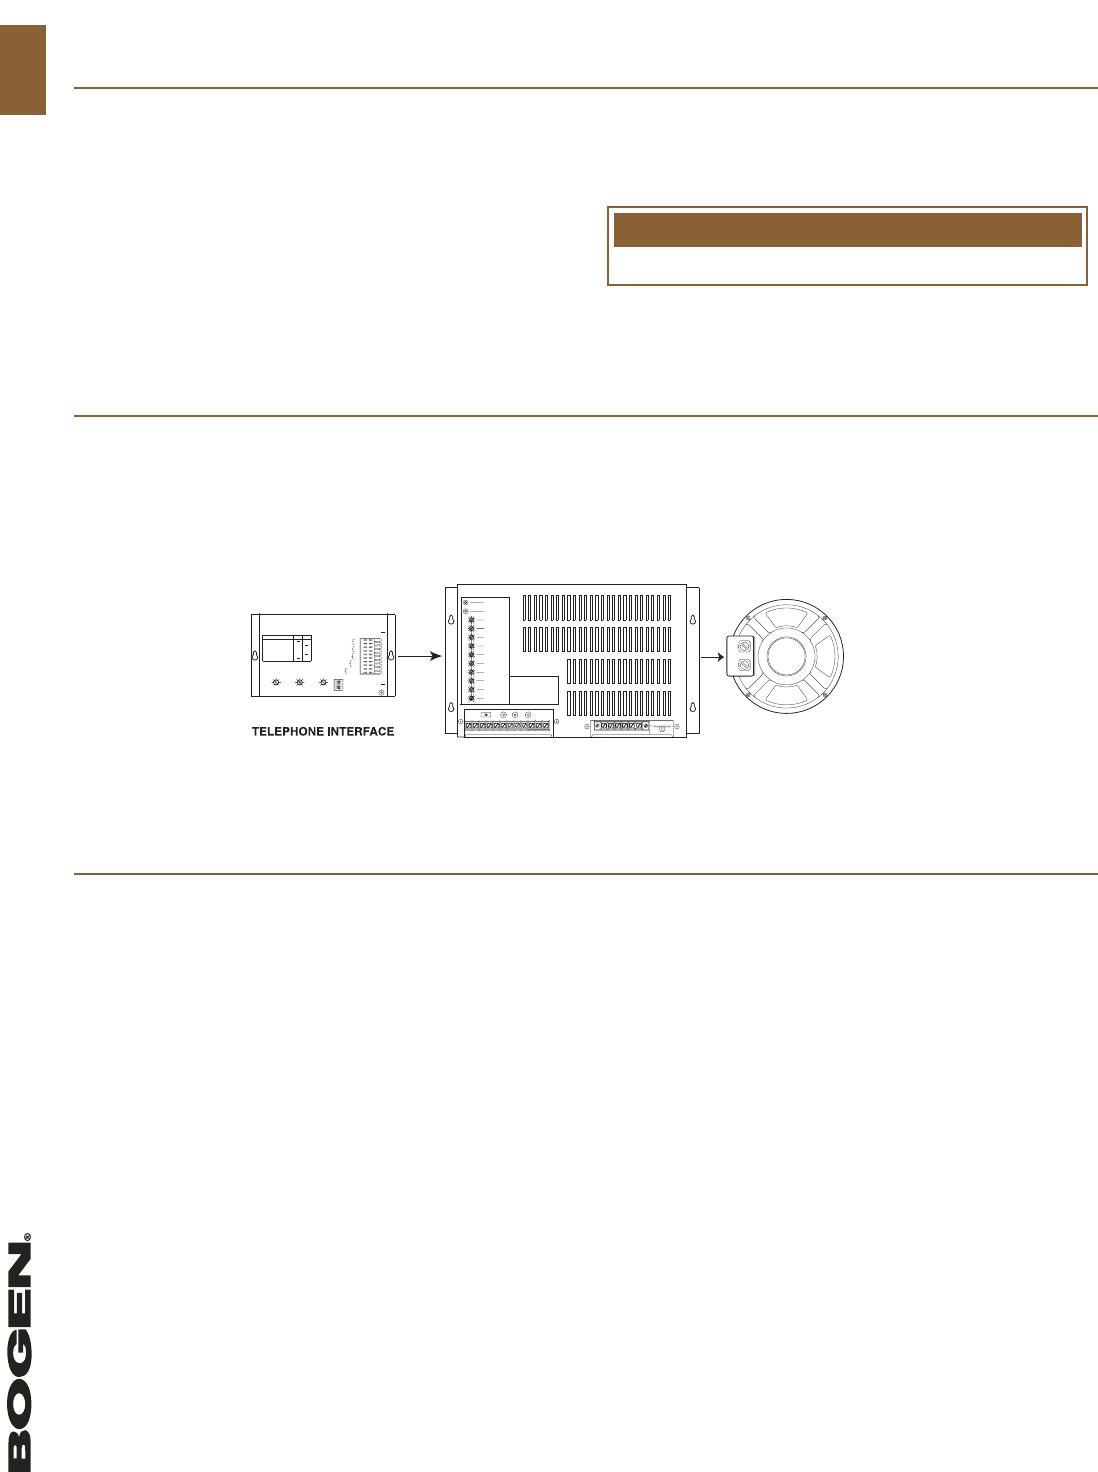 Bogen Speaker Wiring Diagram from usermanual.wiki